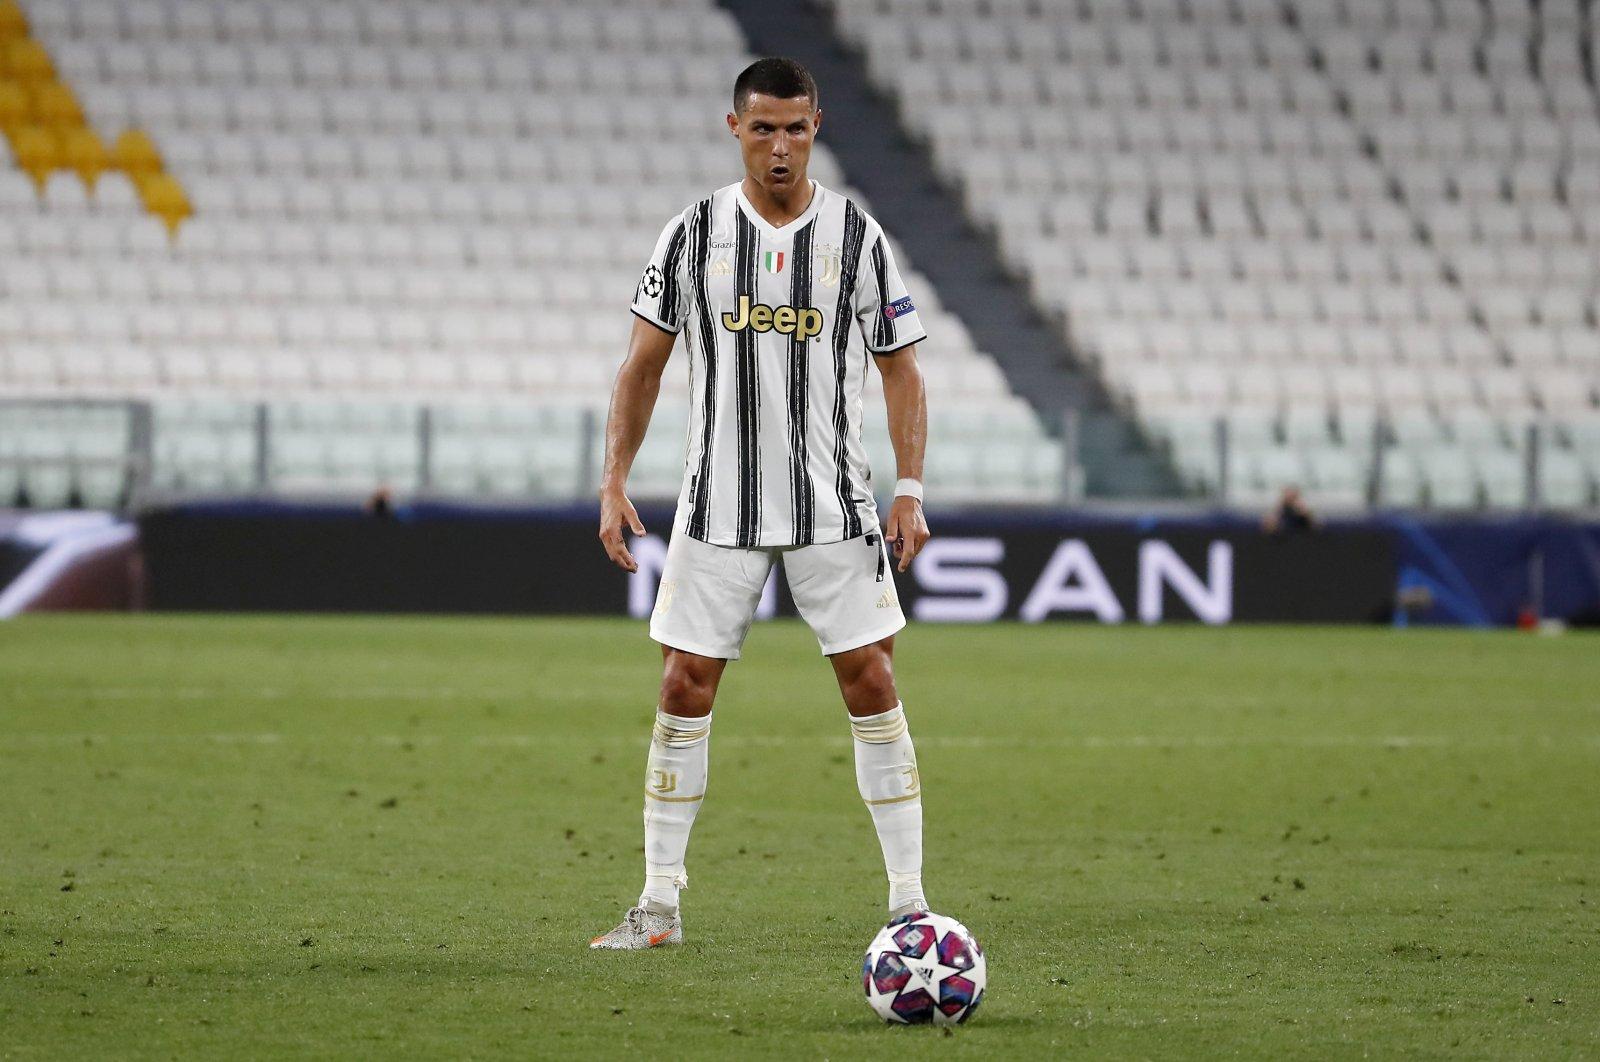 Efektivitas tendangan bebas Ronaldo dikurangi sejak bergabung dengan Juventus.  Foto: AP.